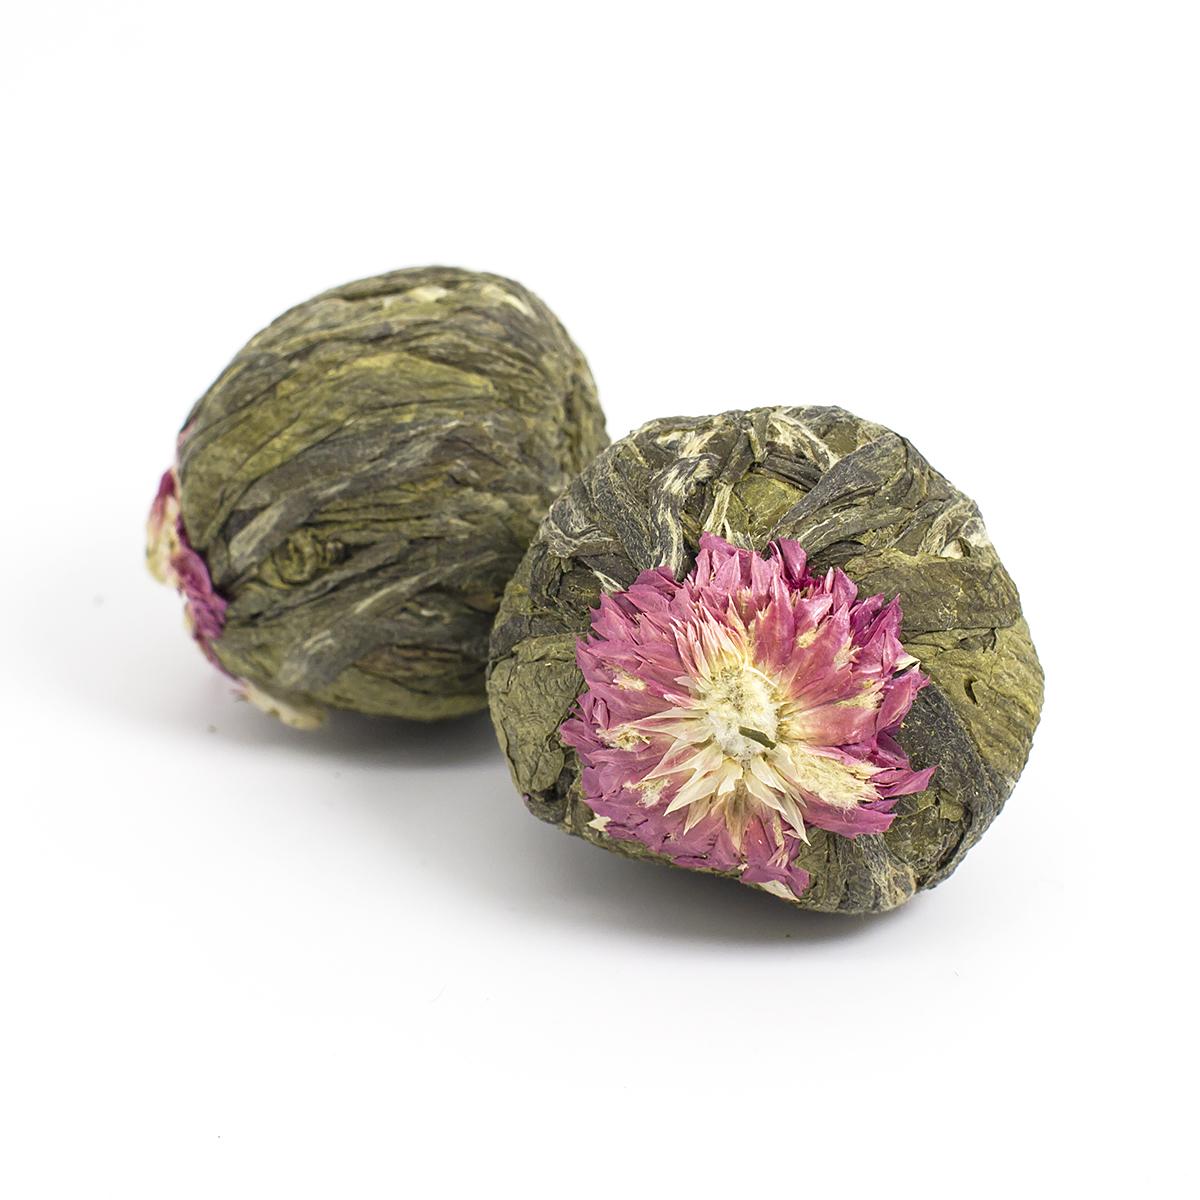 Фото - Чай связанный Личи с вишней, 5 шт/упак чай связанный чханг е шанг гуй цветок османтуса в уп 5 шт